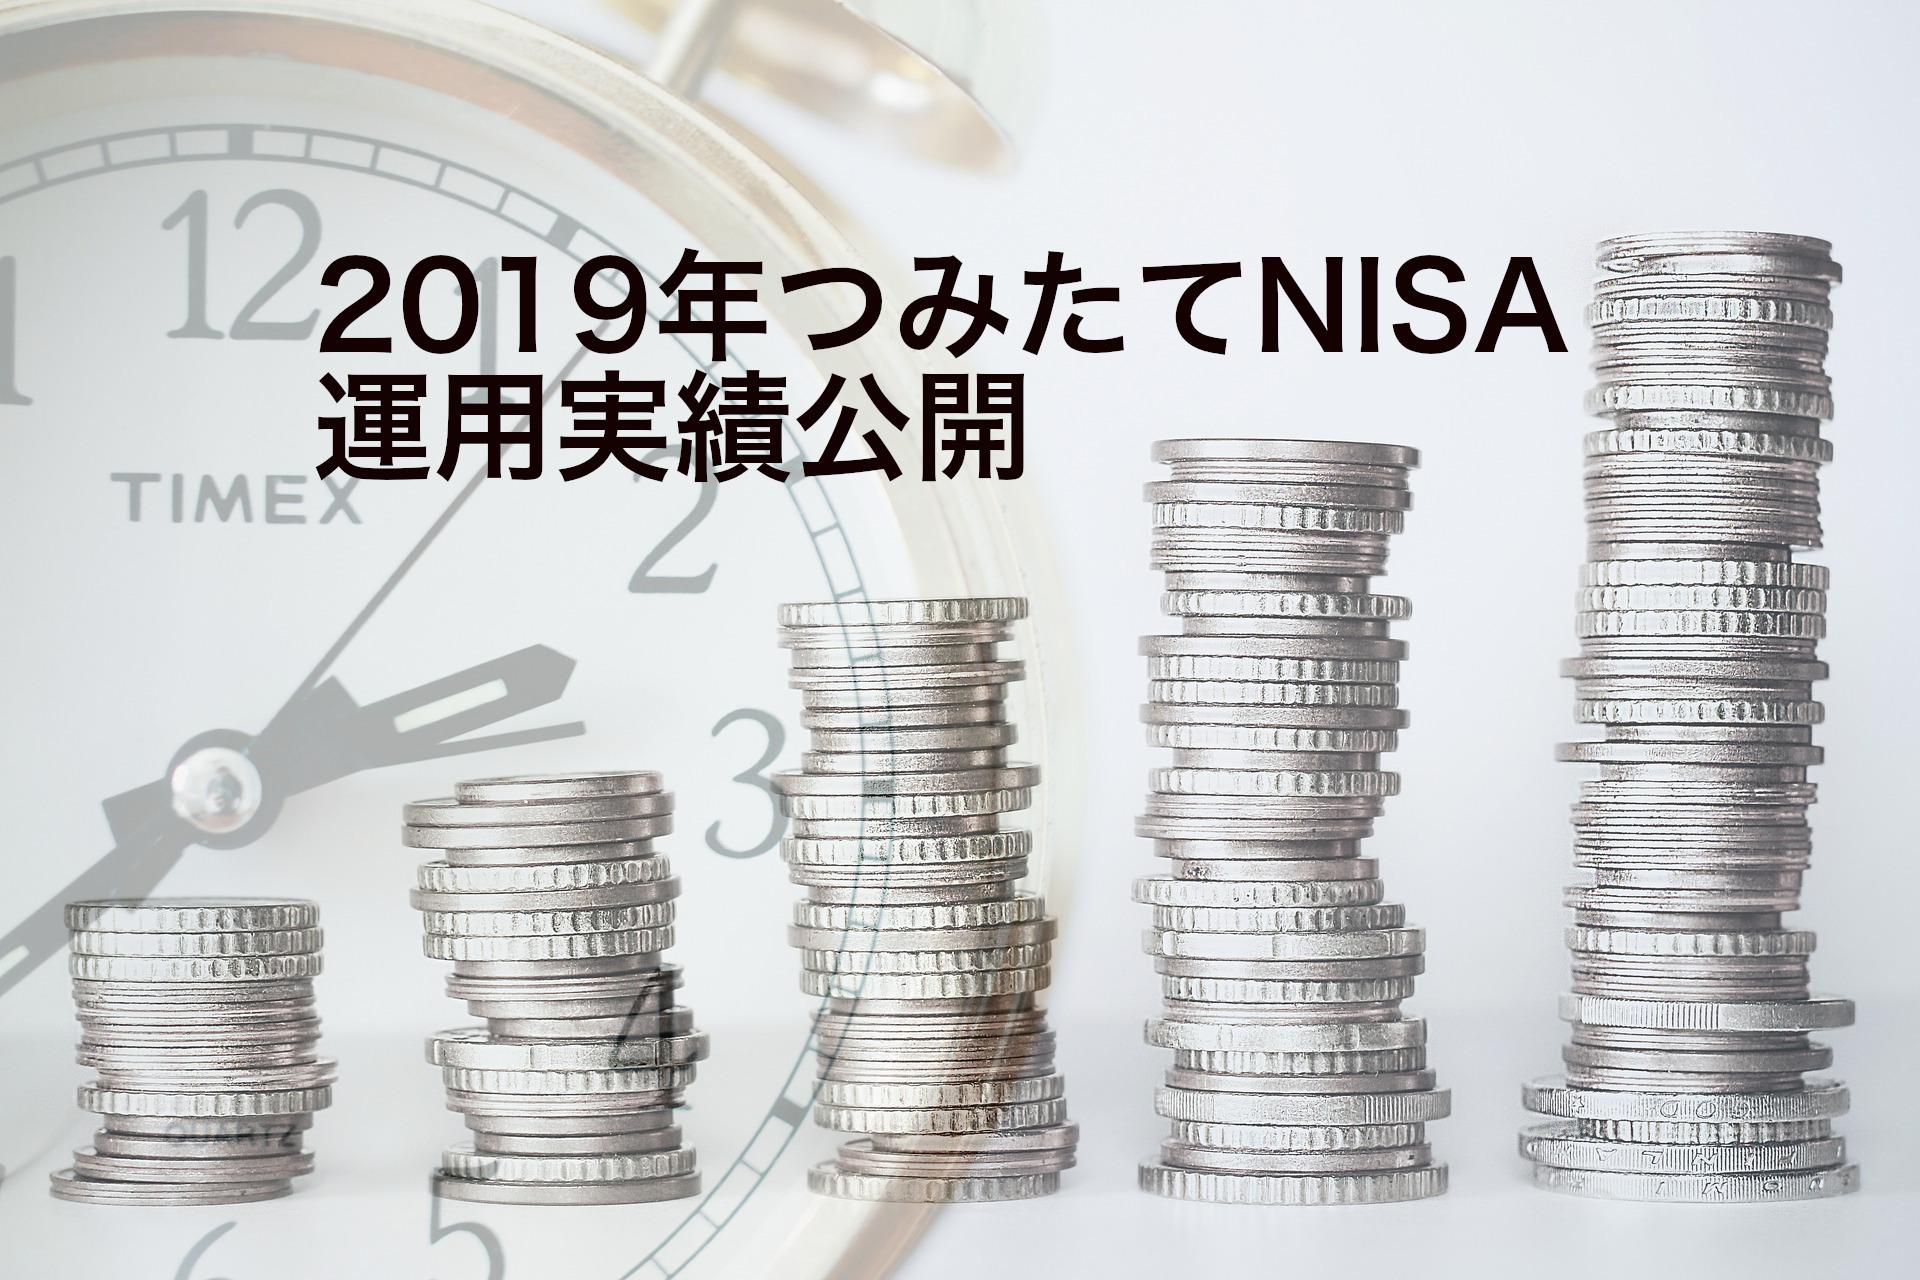 2019年つみたてNISA実績公開|1年目にしては出来過ぎ